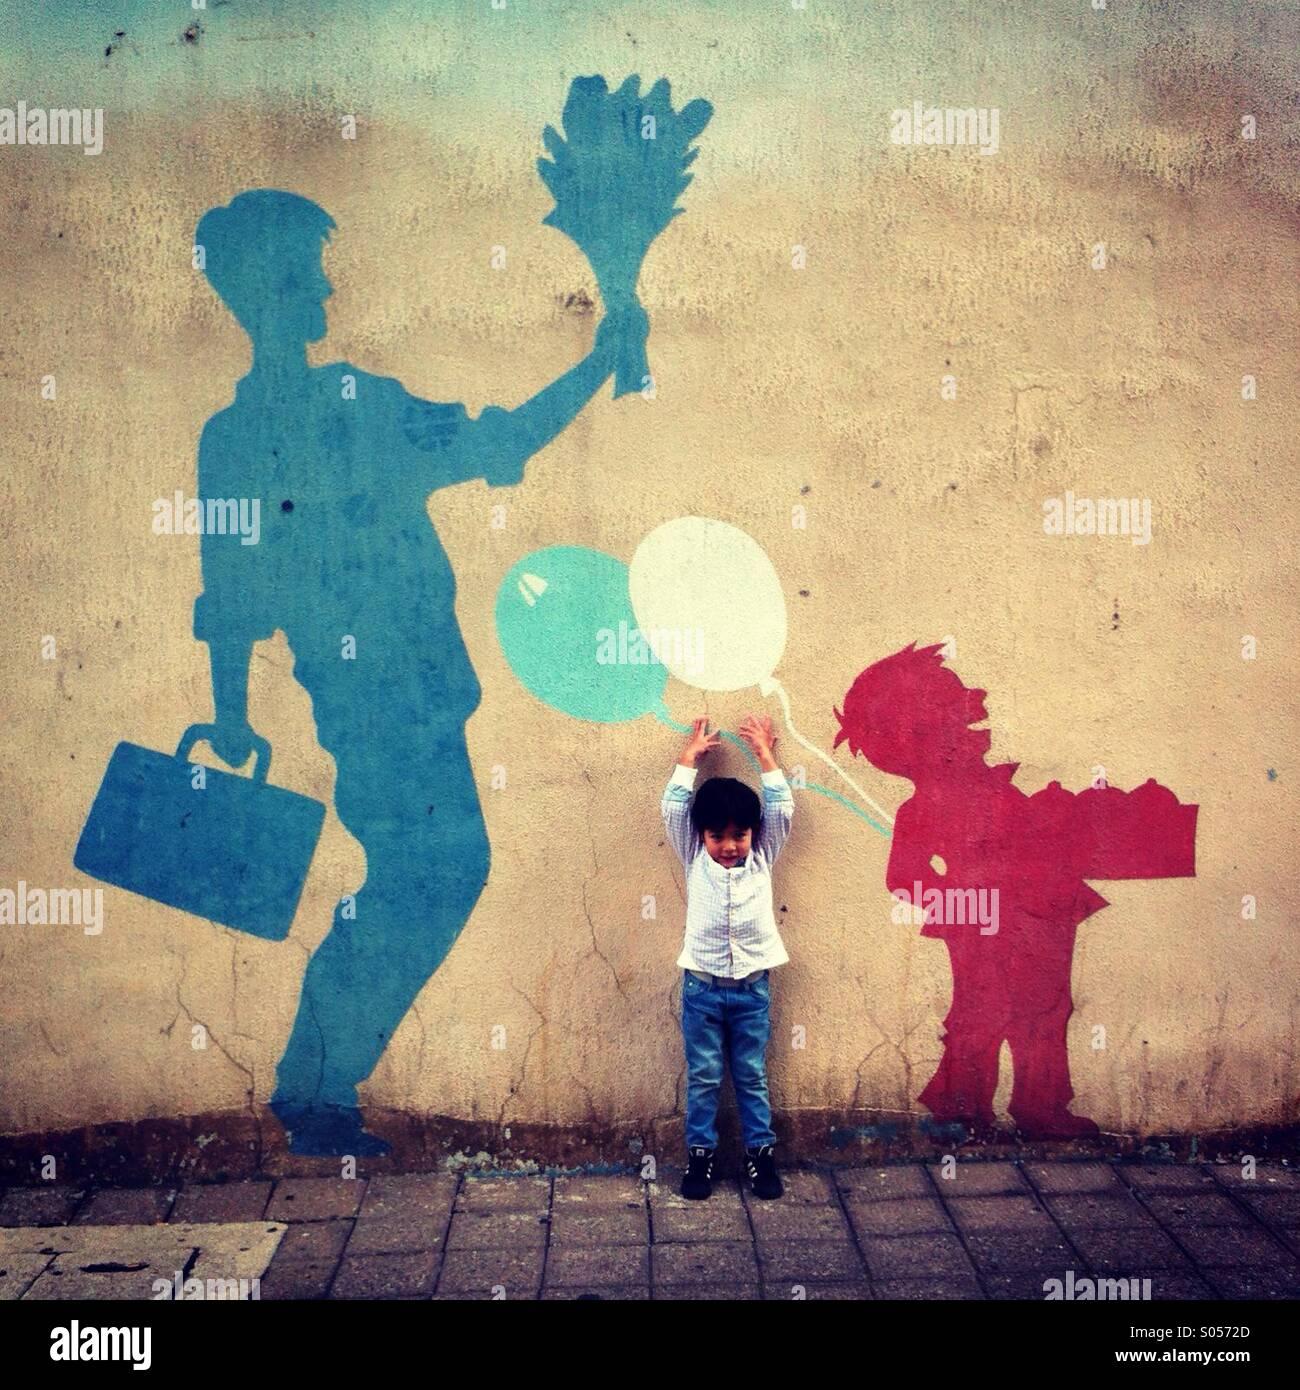 Petit garçon face caméra essaie d'atteindre pour le ballon peint sur le mur Photo Stock